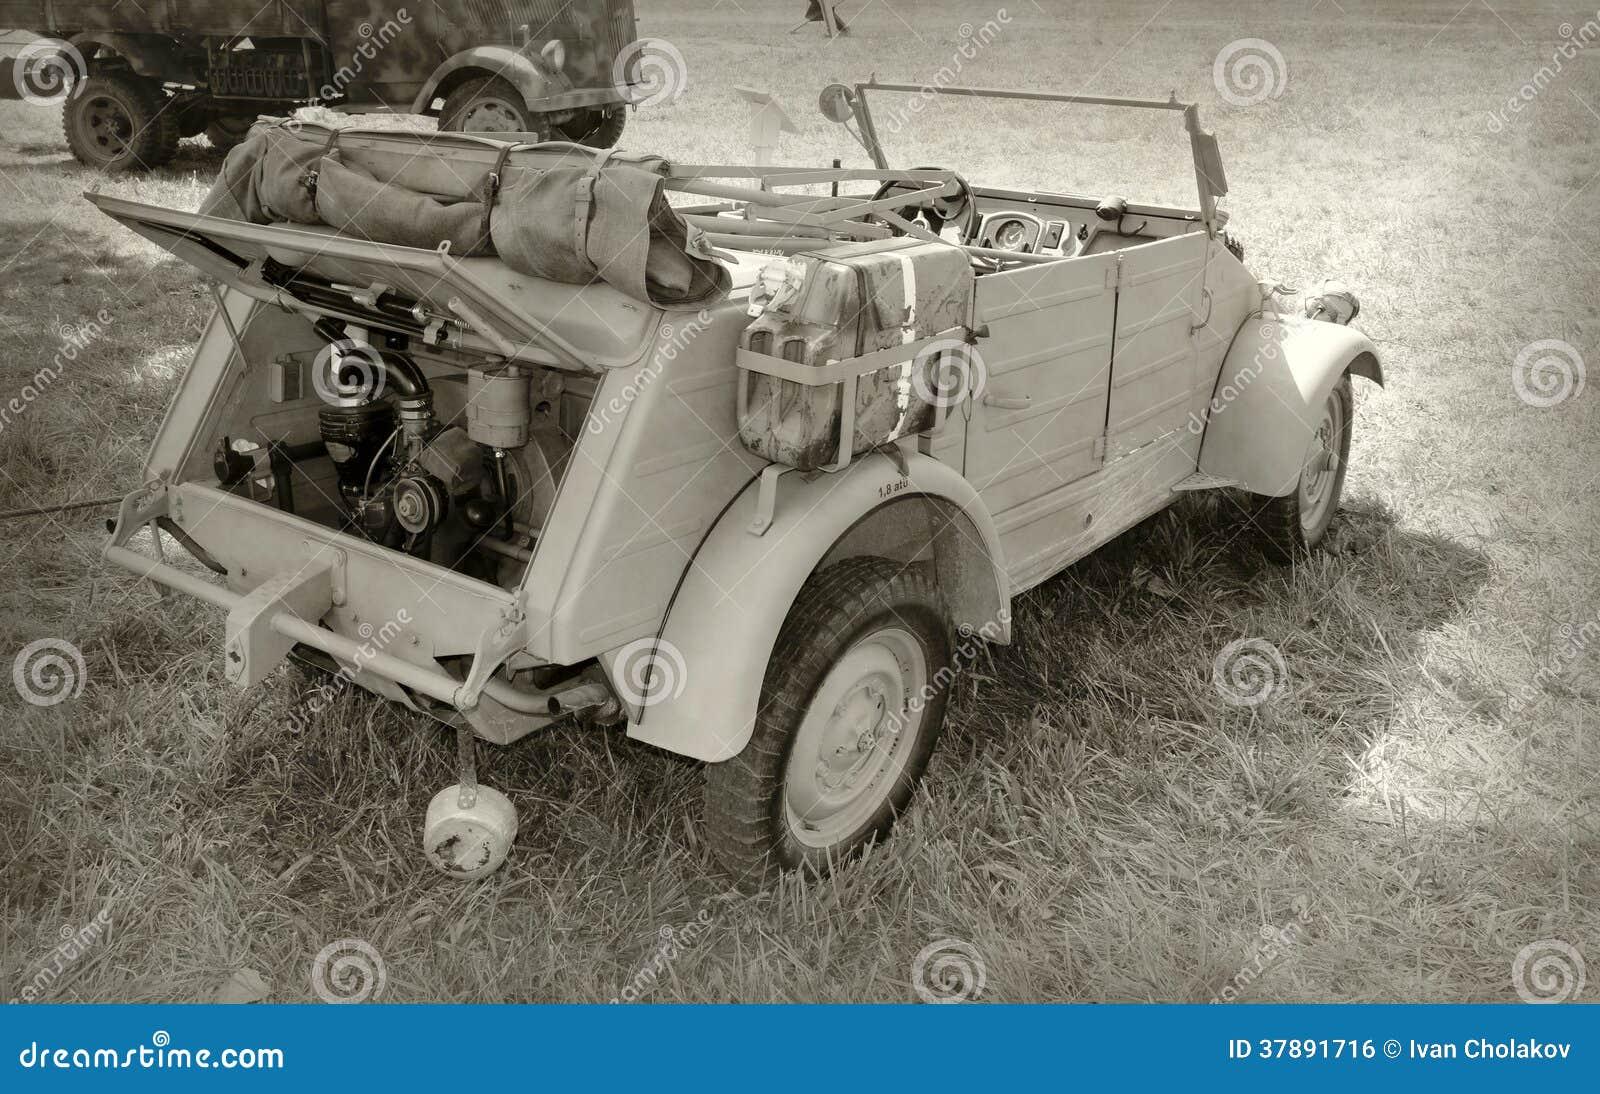 Druga Wojna Światowa pojazd wojskowy